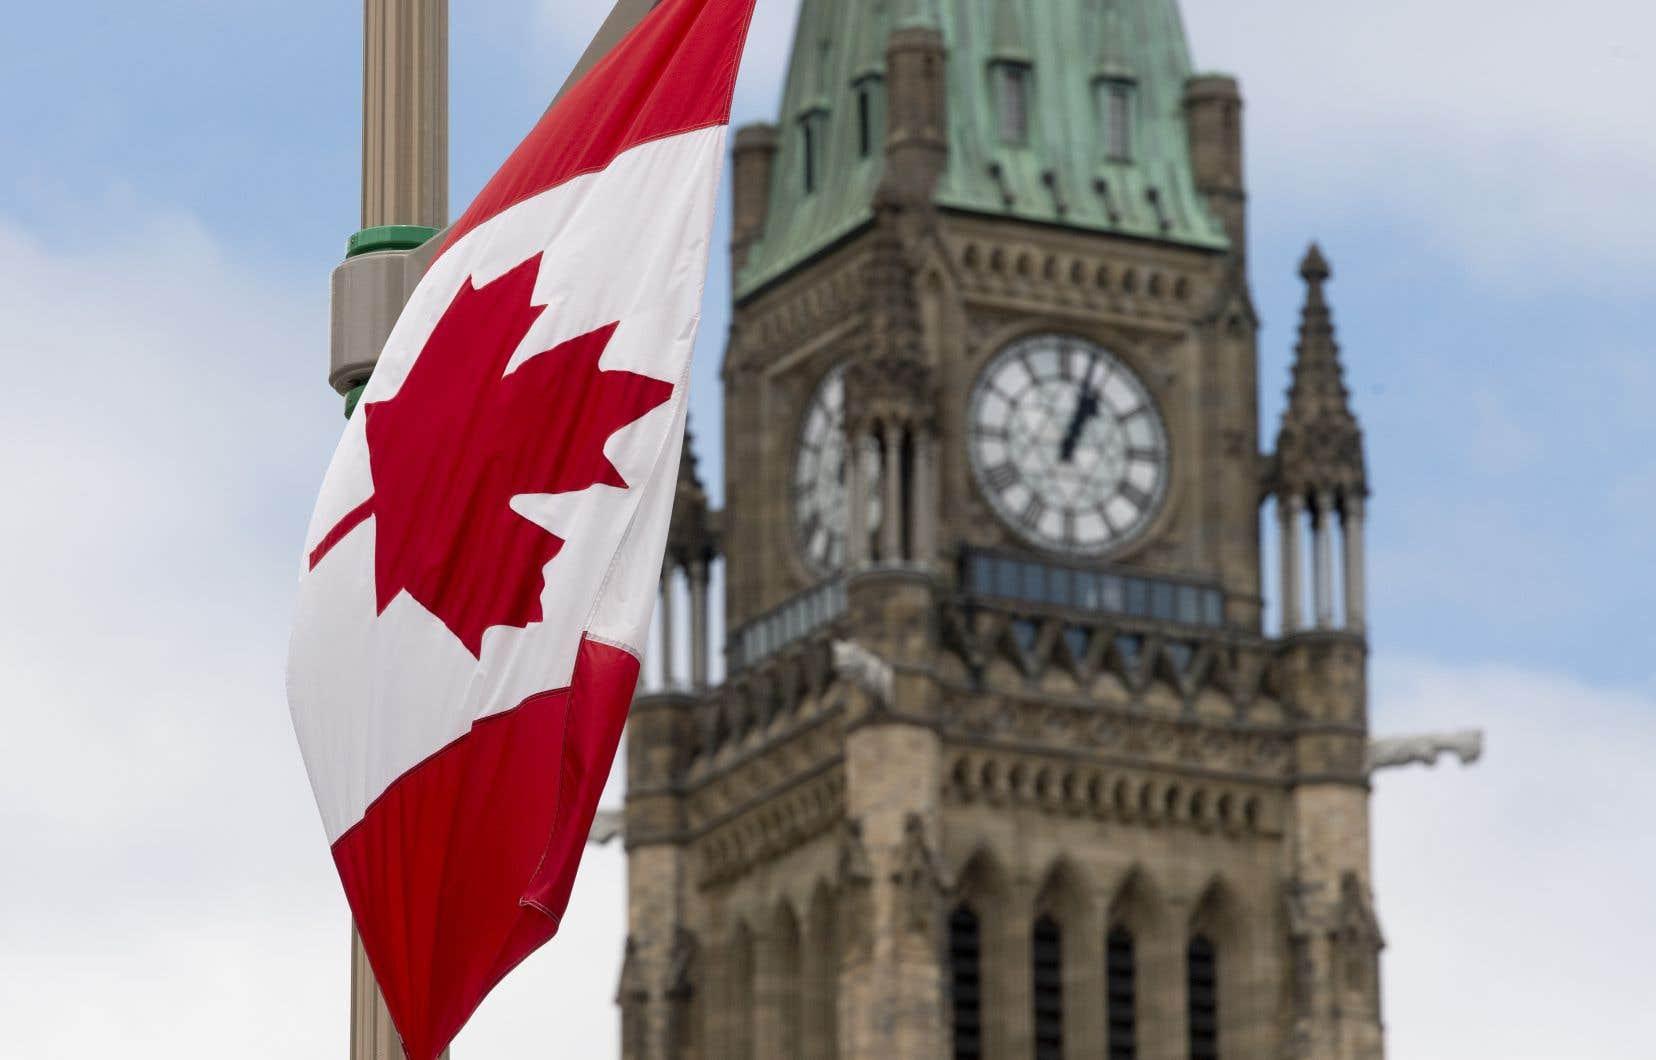 Les gouvernements ne peuvent pas recourir à la prorogation pour «fermer» le Parlement indéfiniment. La Constitution exige en effet que le Parlement se réunisse au moins une fois tous les 12 mois.